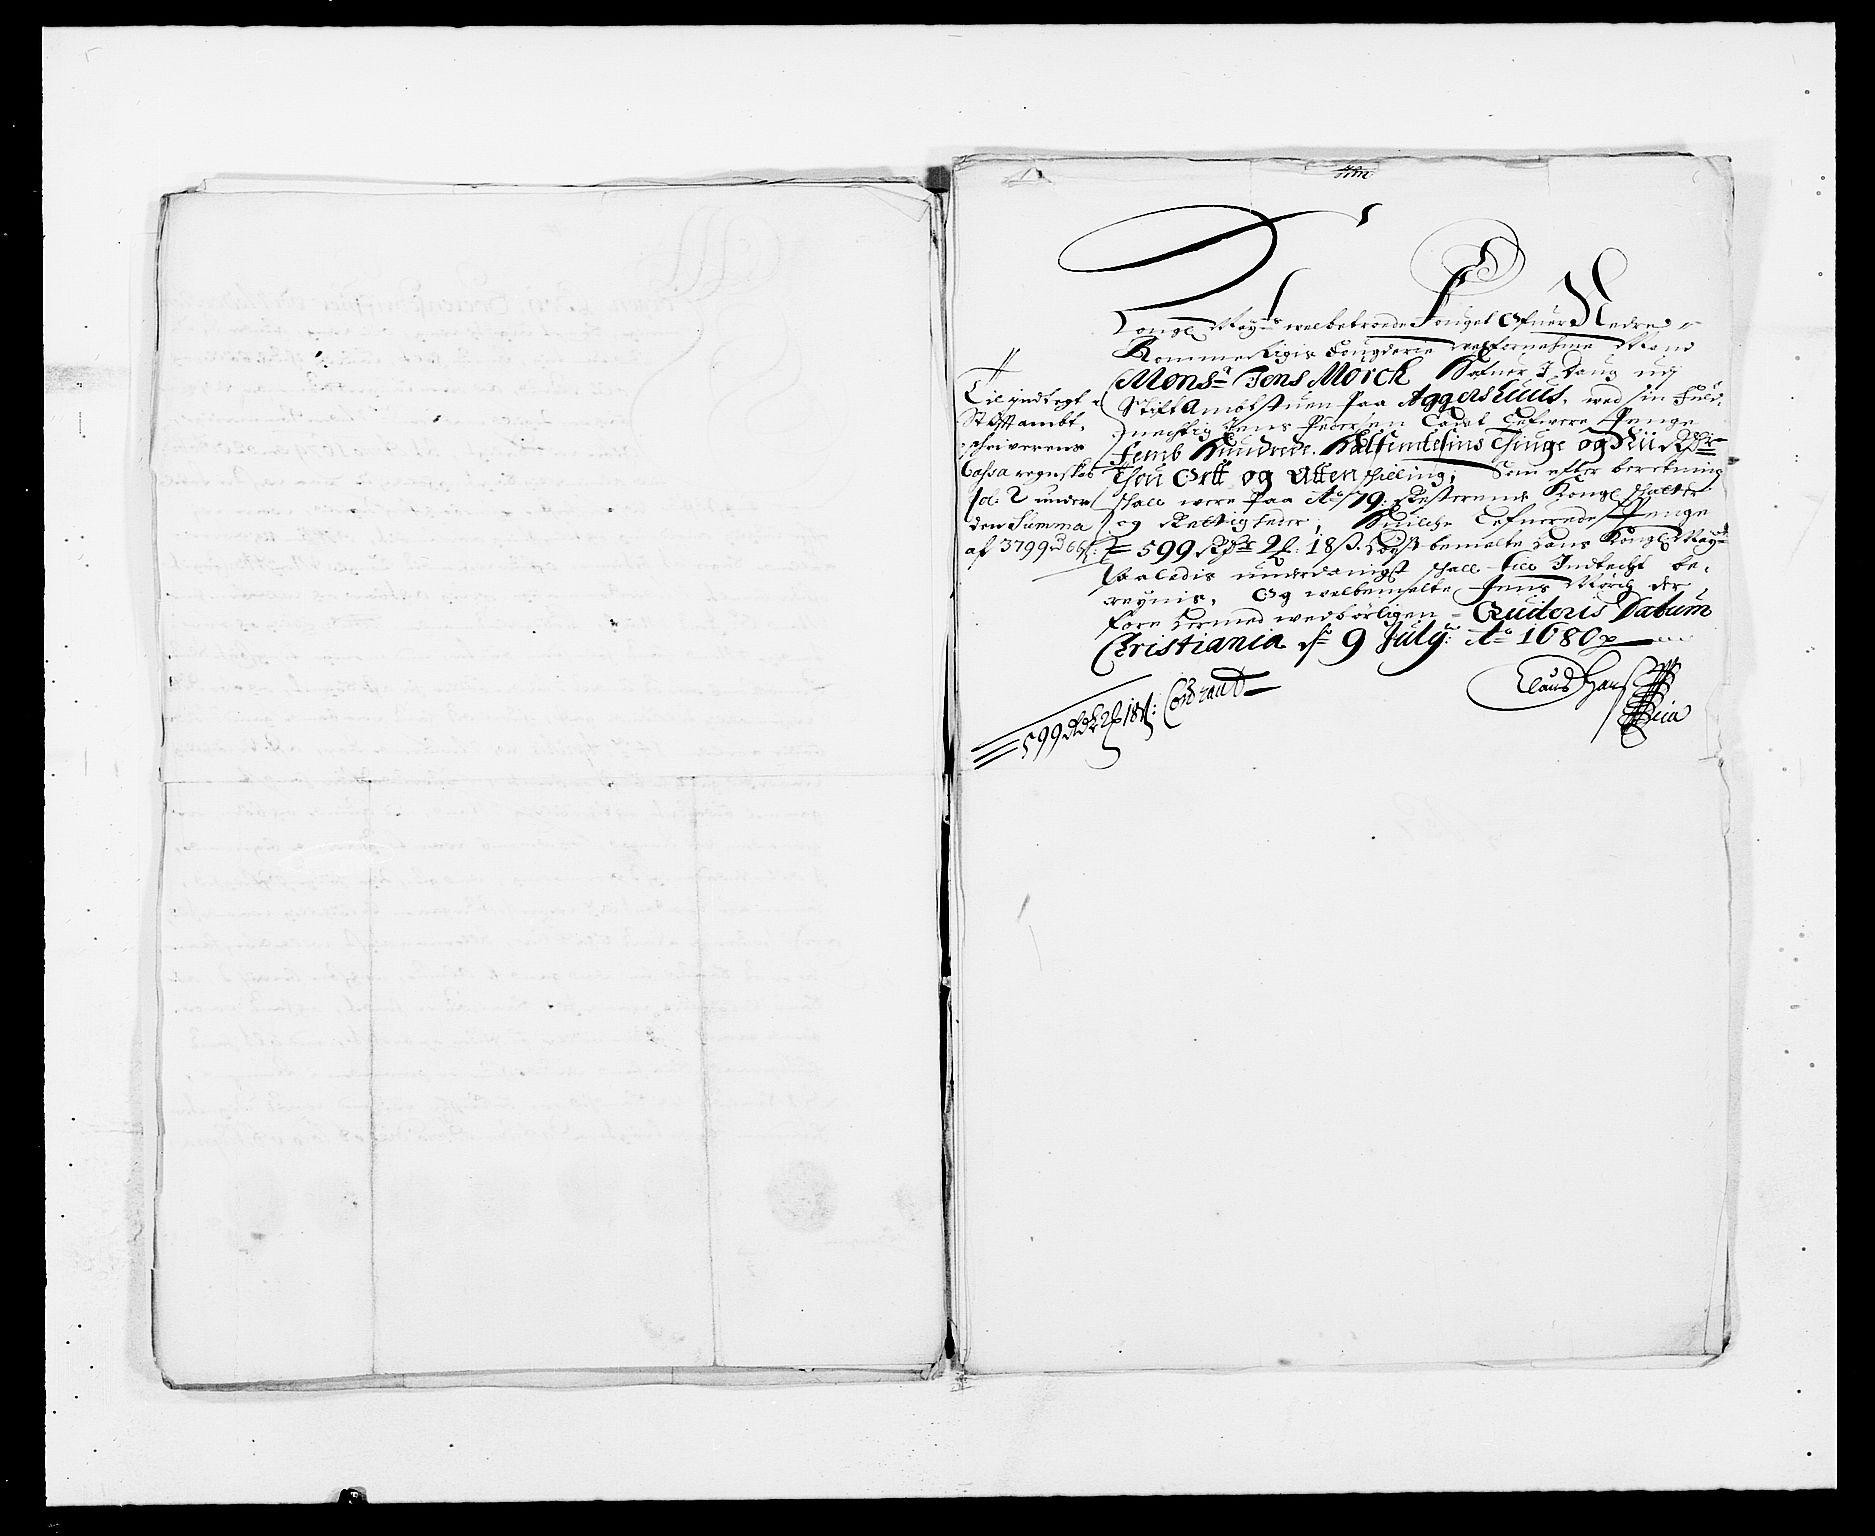 RA, Rentekammeret inntil 1814, Reviderte regnskaper, Fogderegnskap, R11/L0568: Fogderegnskap Nedre Romerike, 1679, s. 274